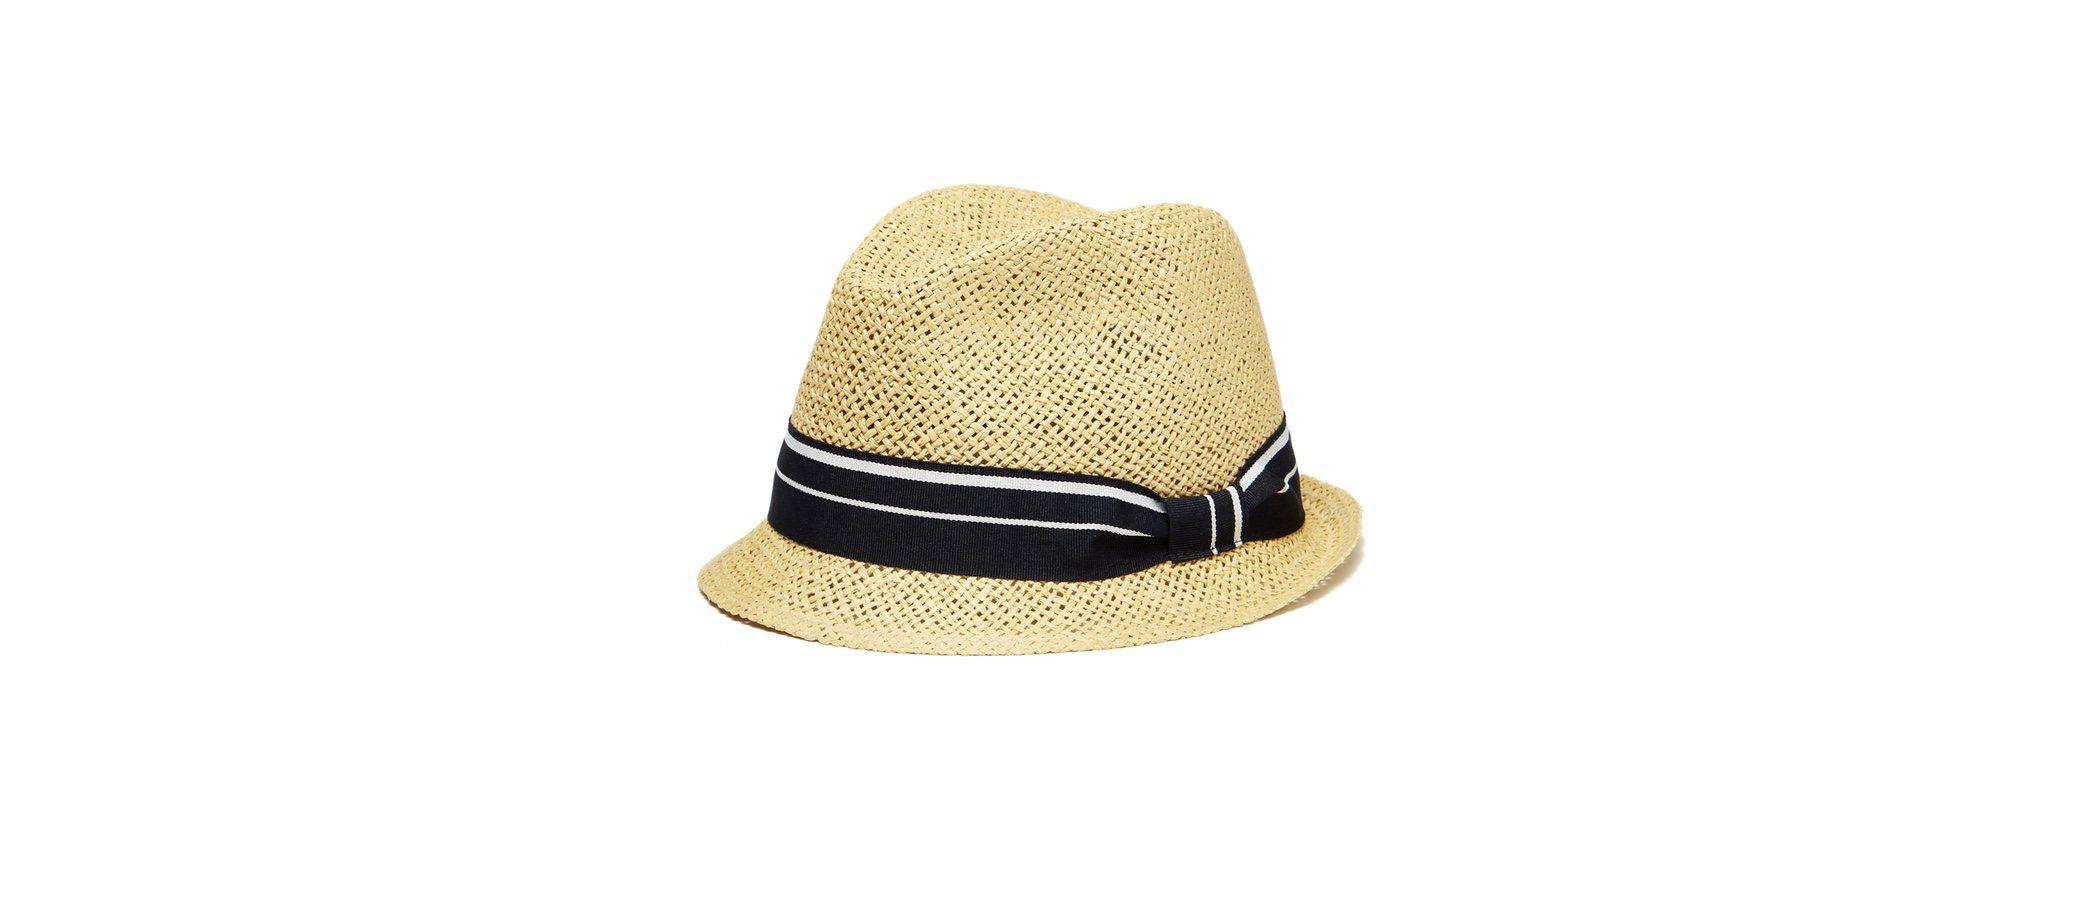 Sisley lanza su nueva colección verano 2018 para hombre con un toque aventurero